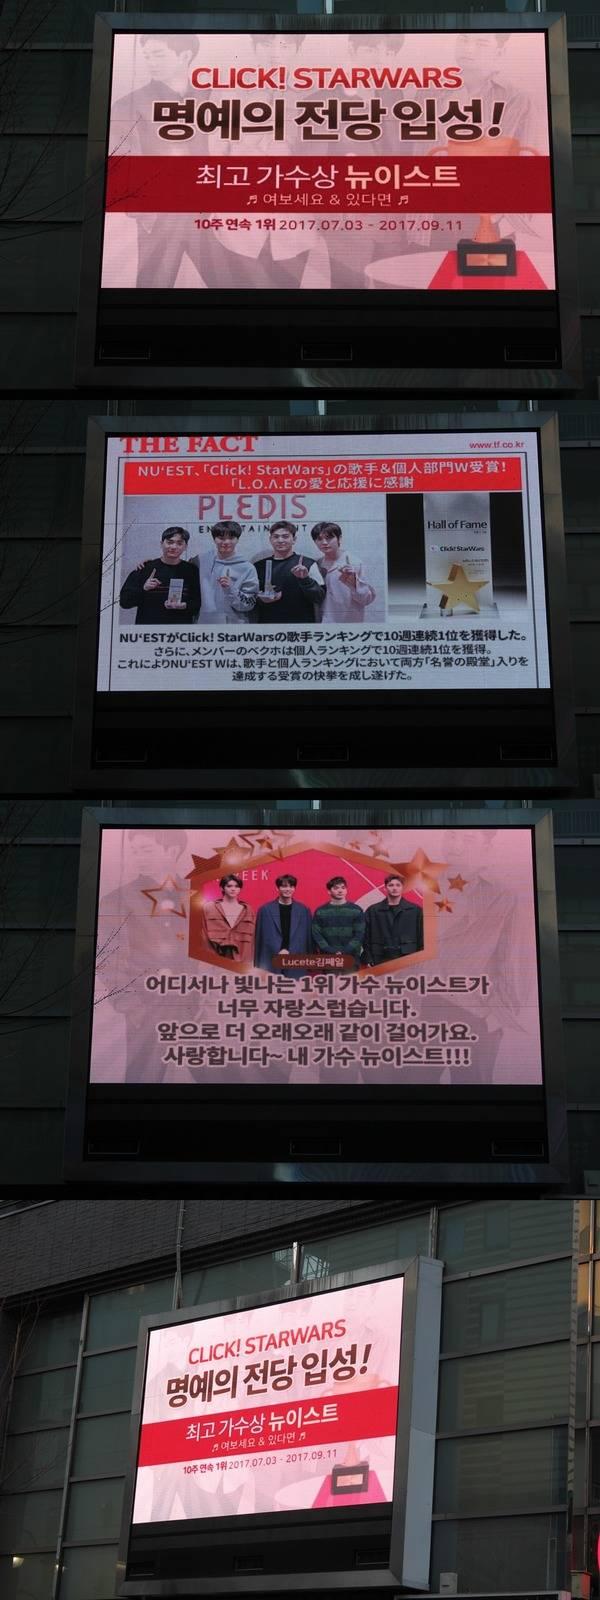 東京新大久保にある電光掲示板で記念動画を上映。|写真:Click! StarWars